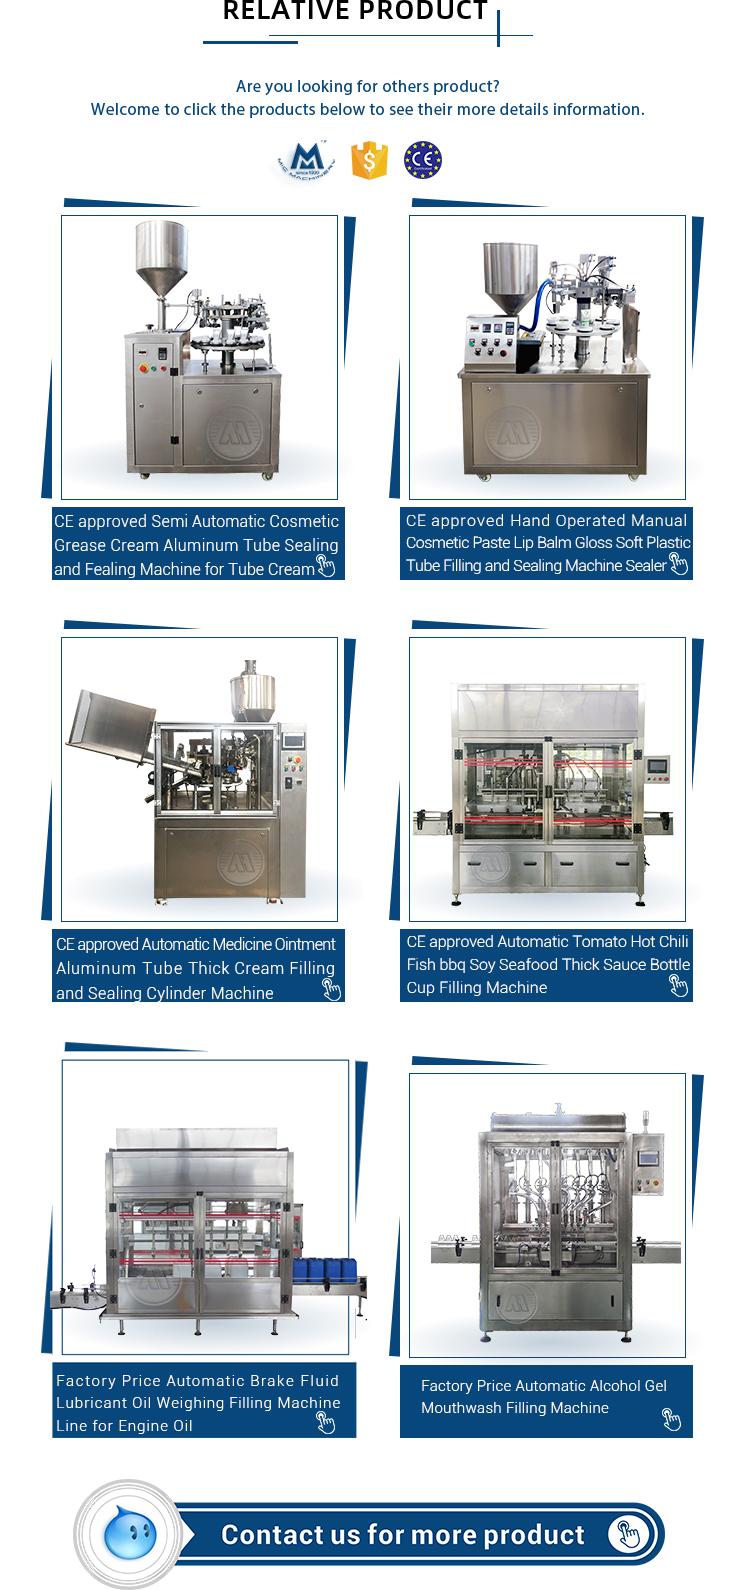 工場価格広く使用されている自動充填機液体液体石鹸と洗剤用のピストンフィラー